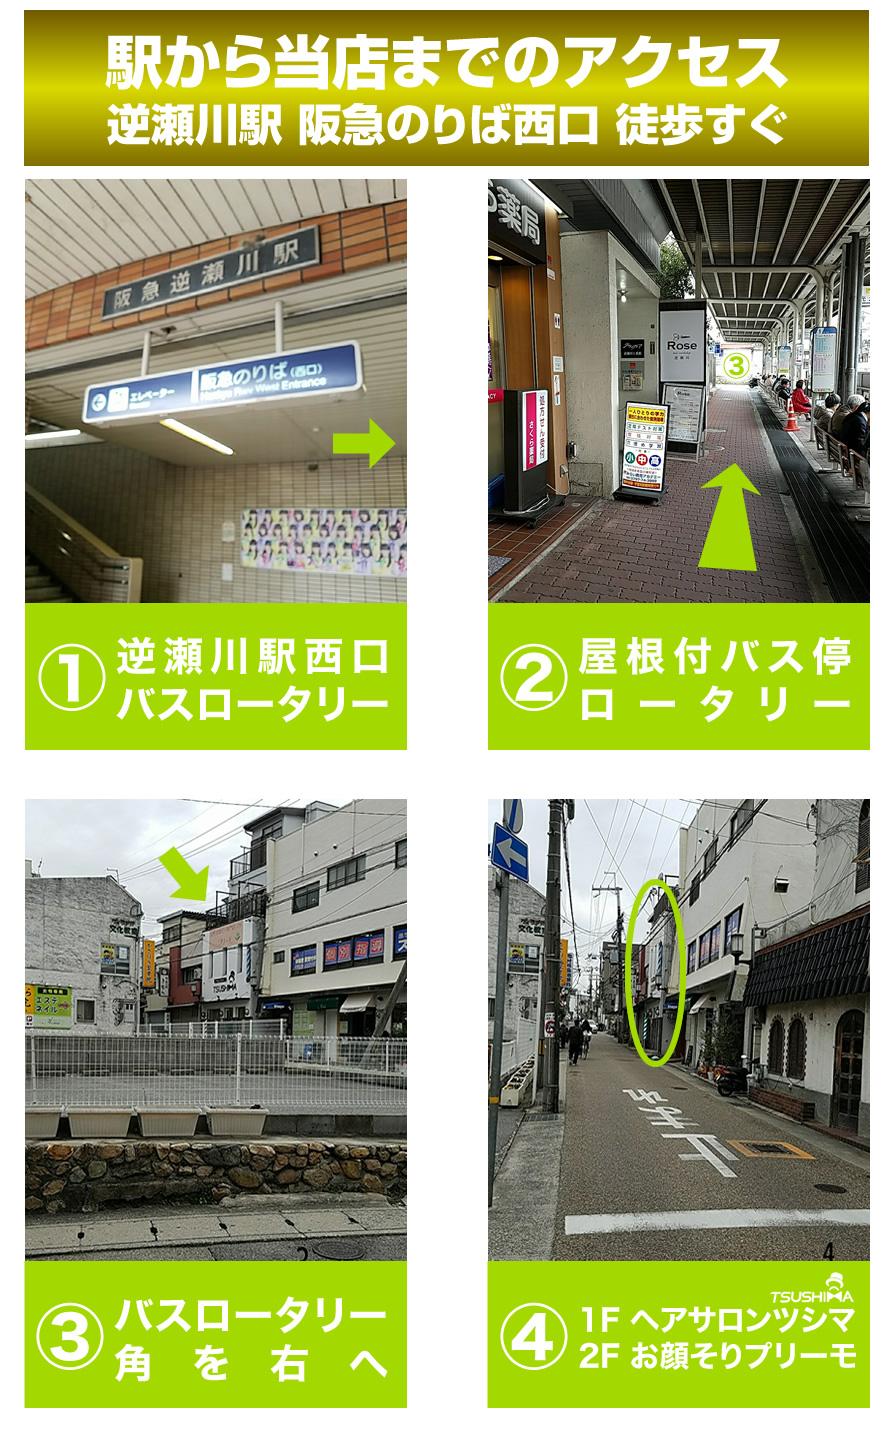 宝塚市阪急逆瀬川駅から当店までのアクセス写真で解説